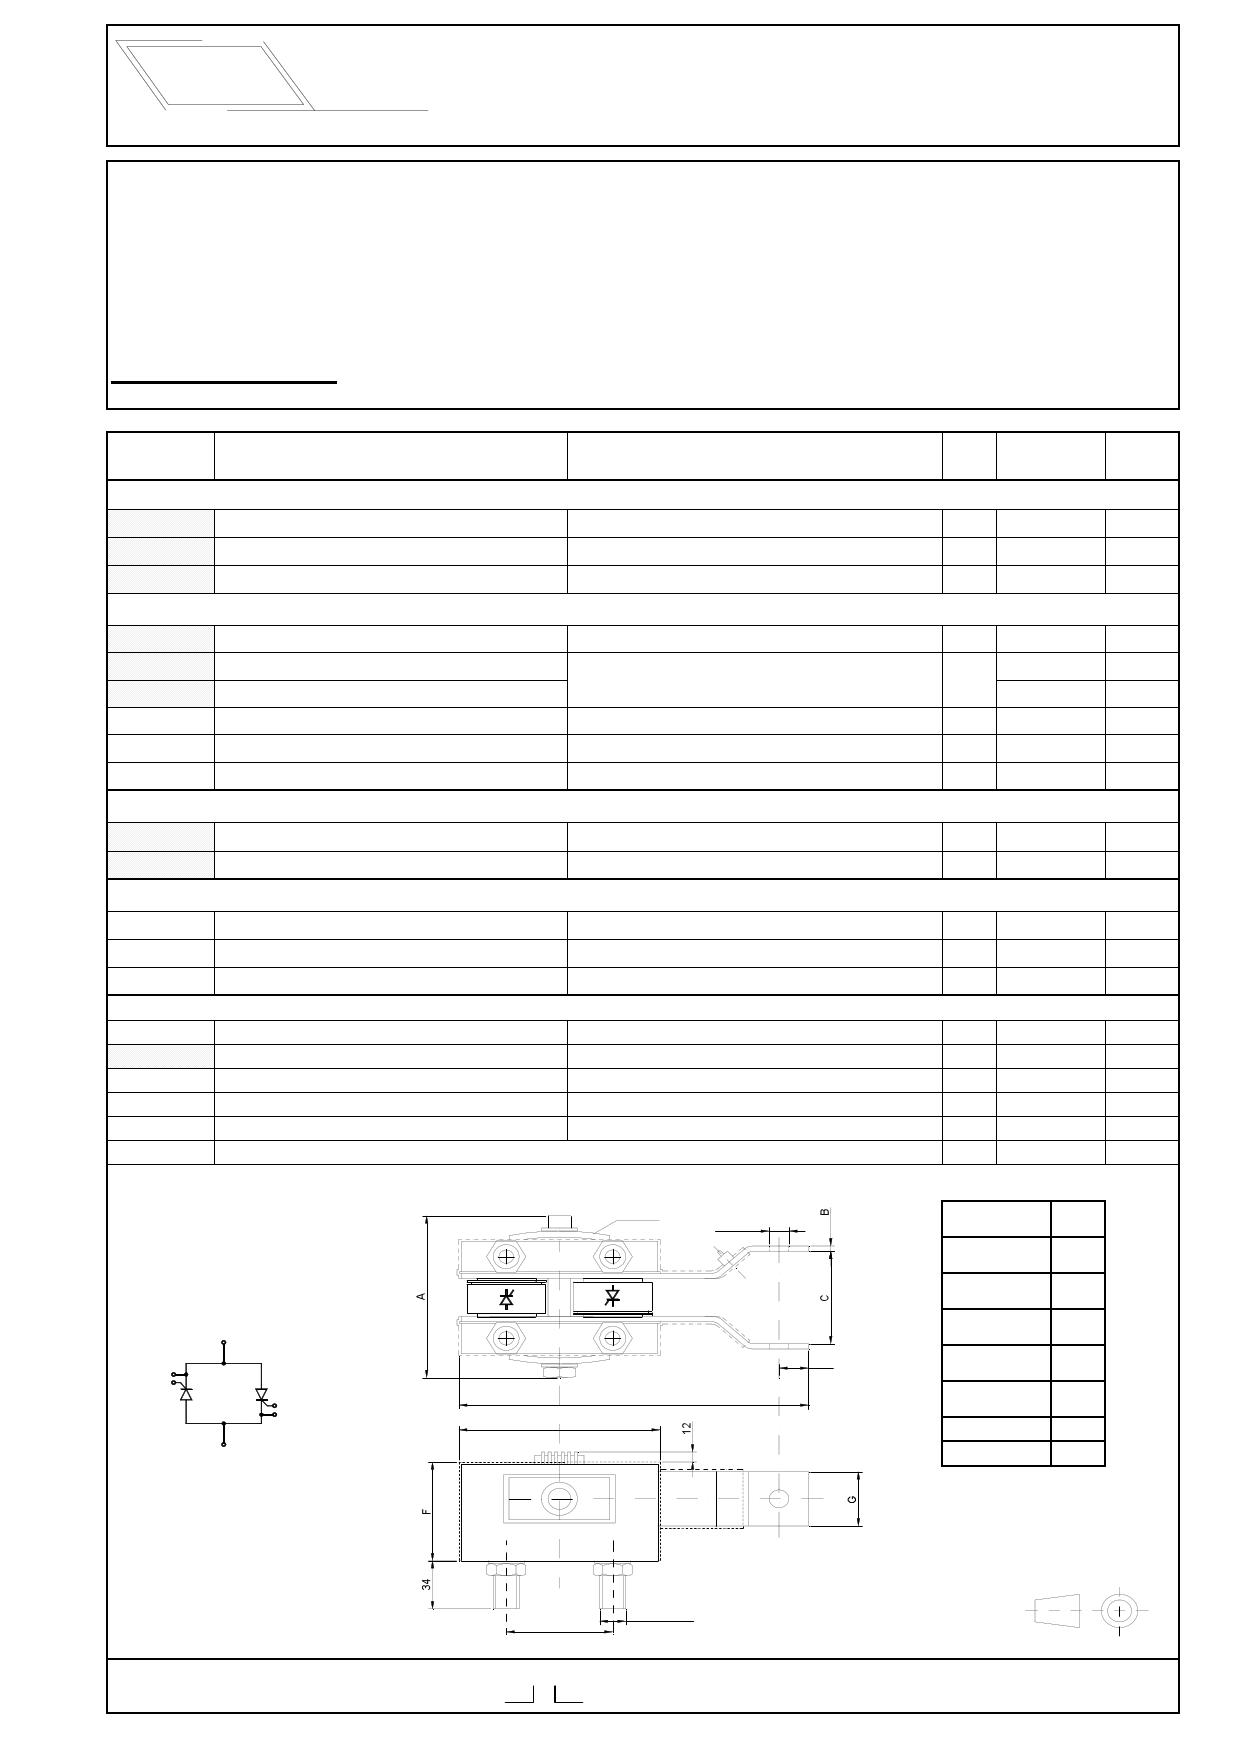 2-2W5I-AT804 datasheet